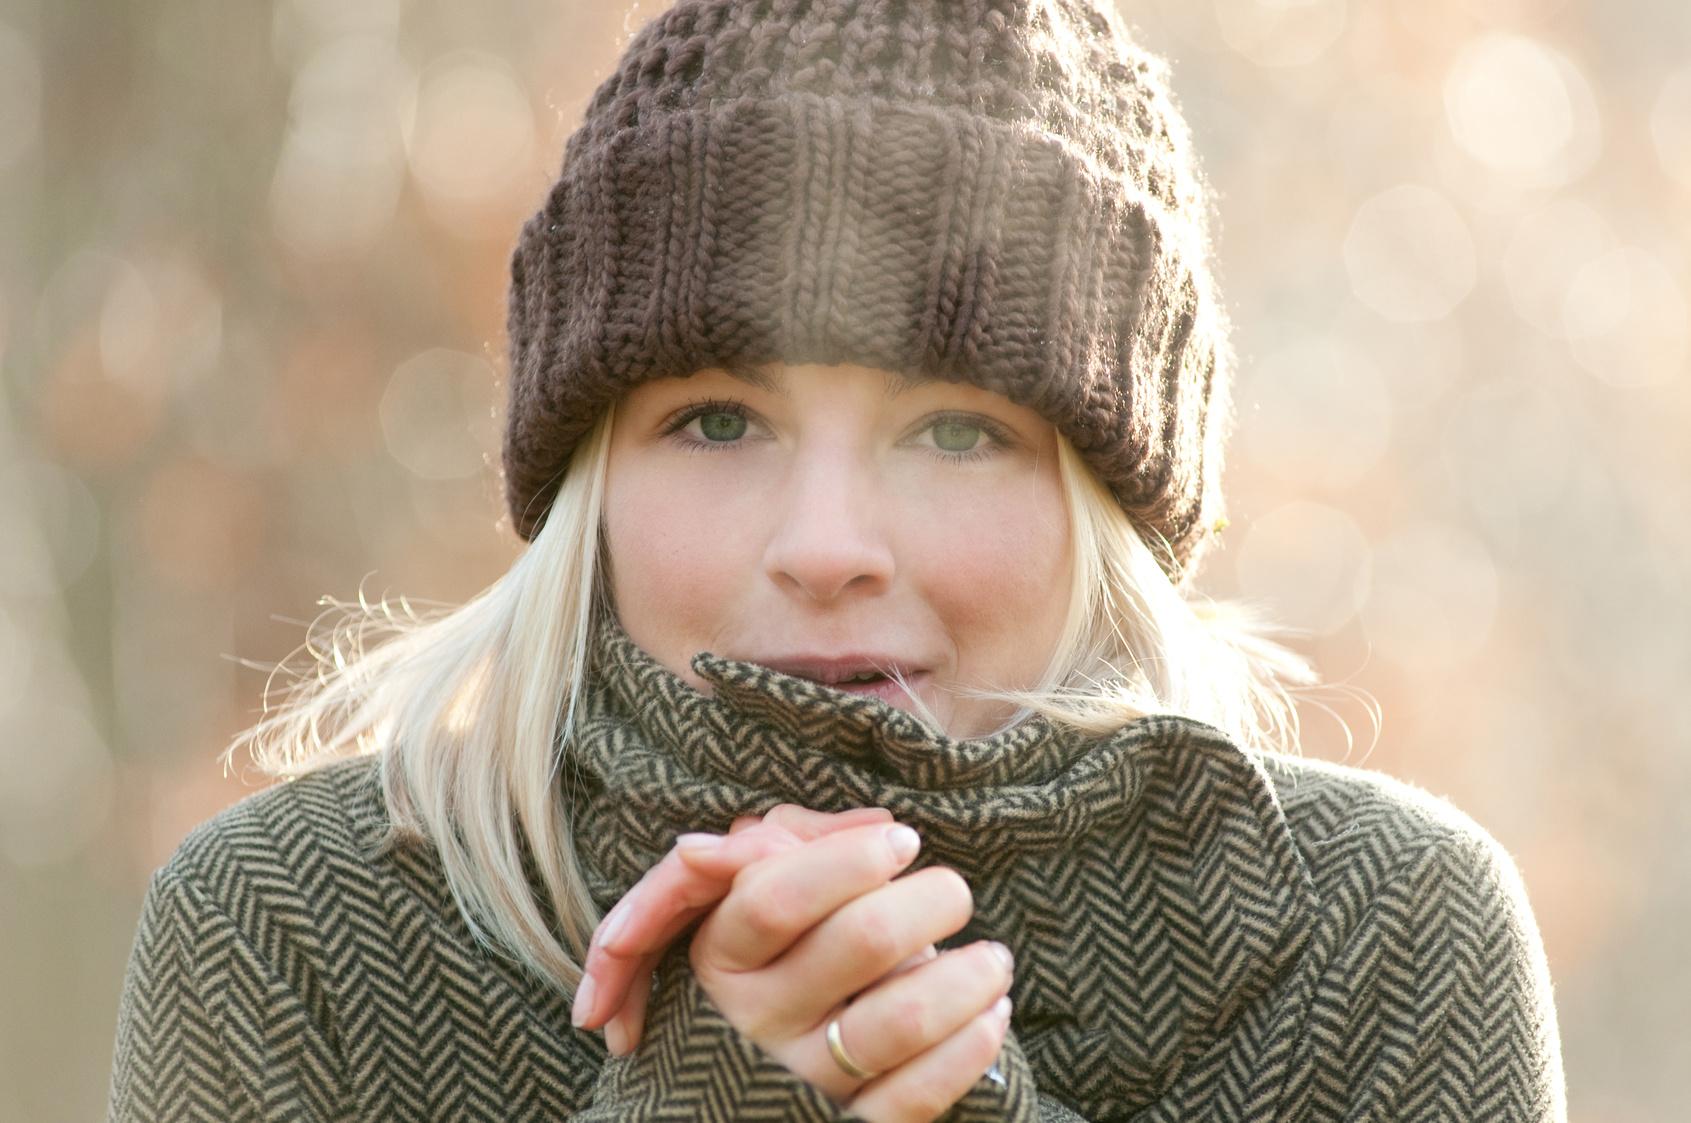 Gesundheitsgefahren im Winter erkennen und vermeiden